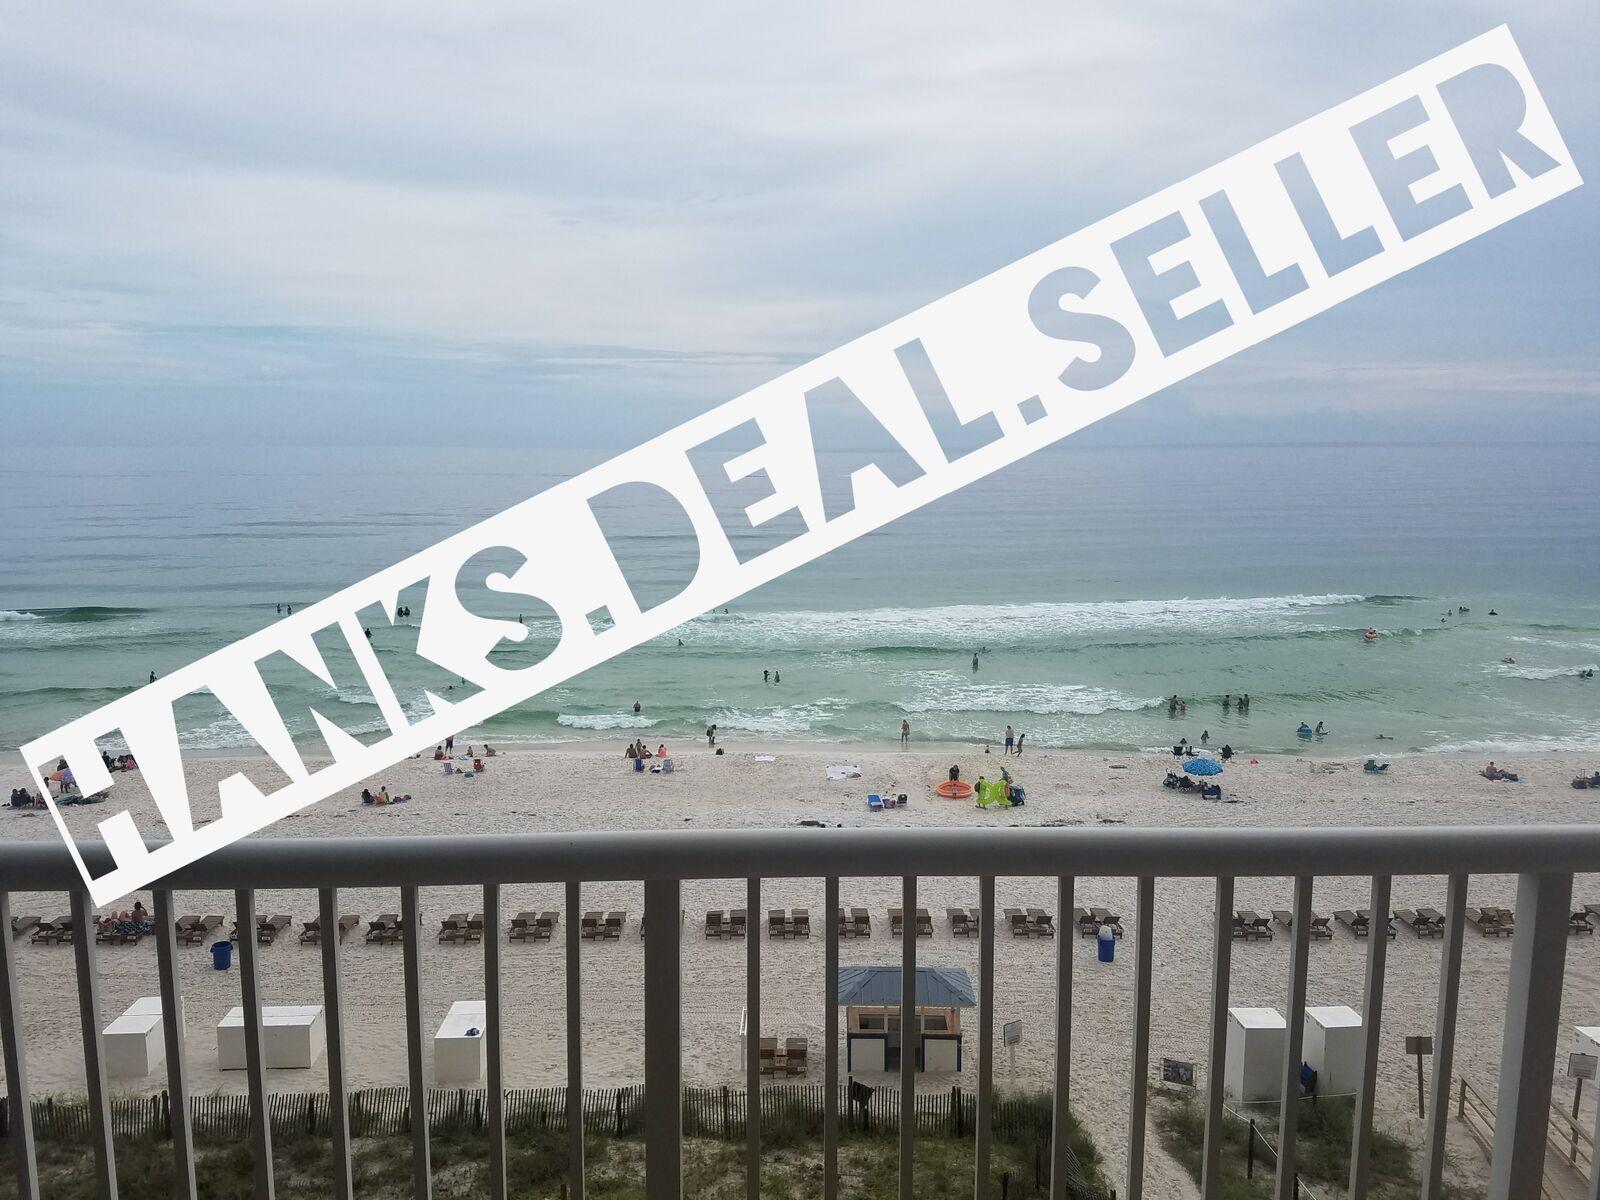 Hanks.Deal.Seller